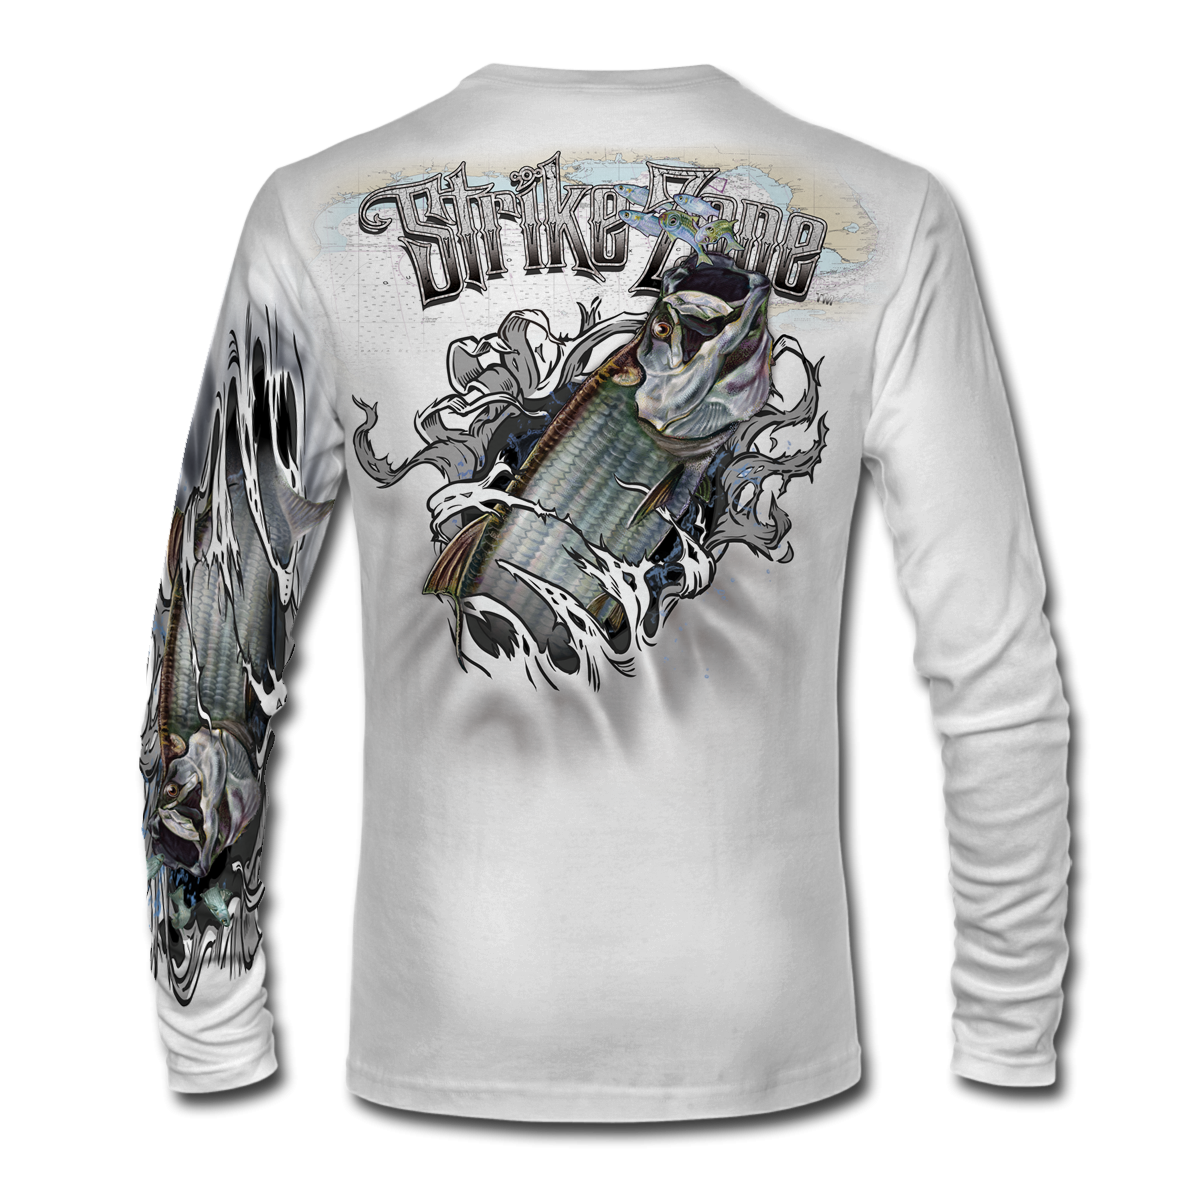 jason-mathias-strike-zone-tarpon-fishing-shirt-white-back.png